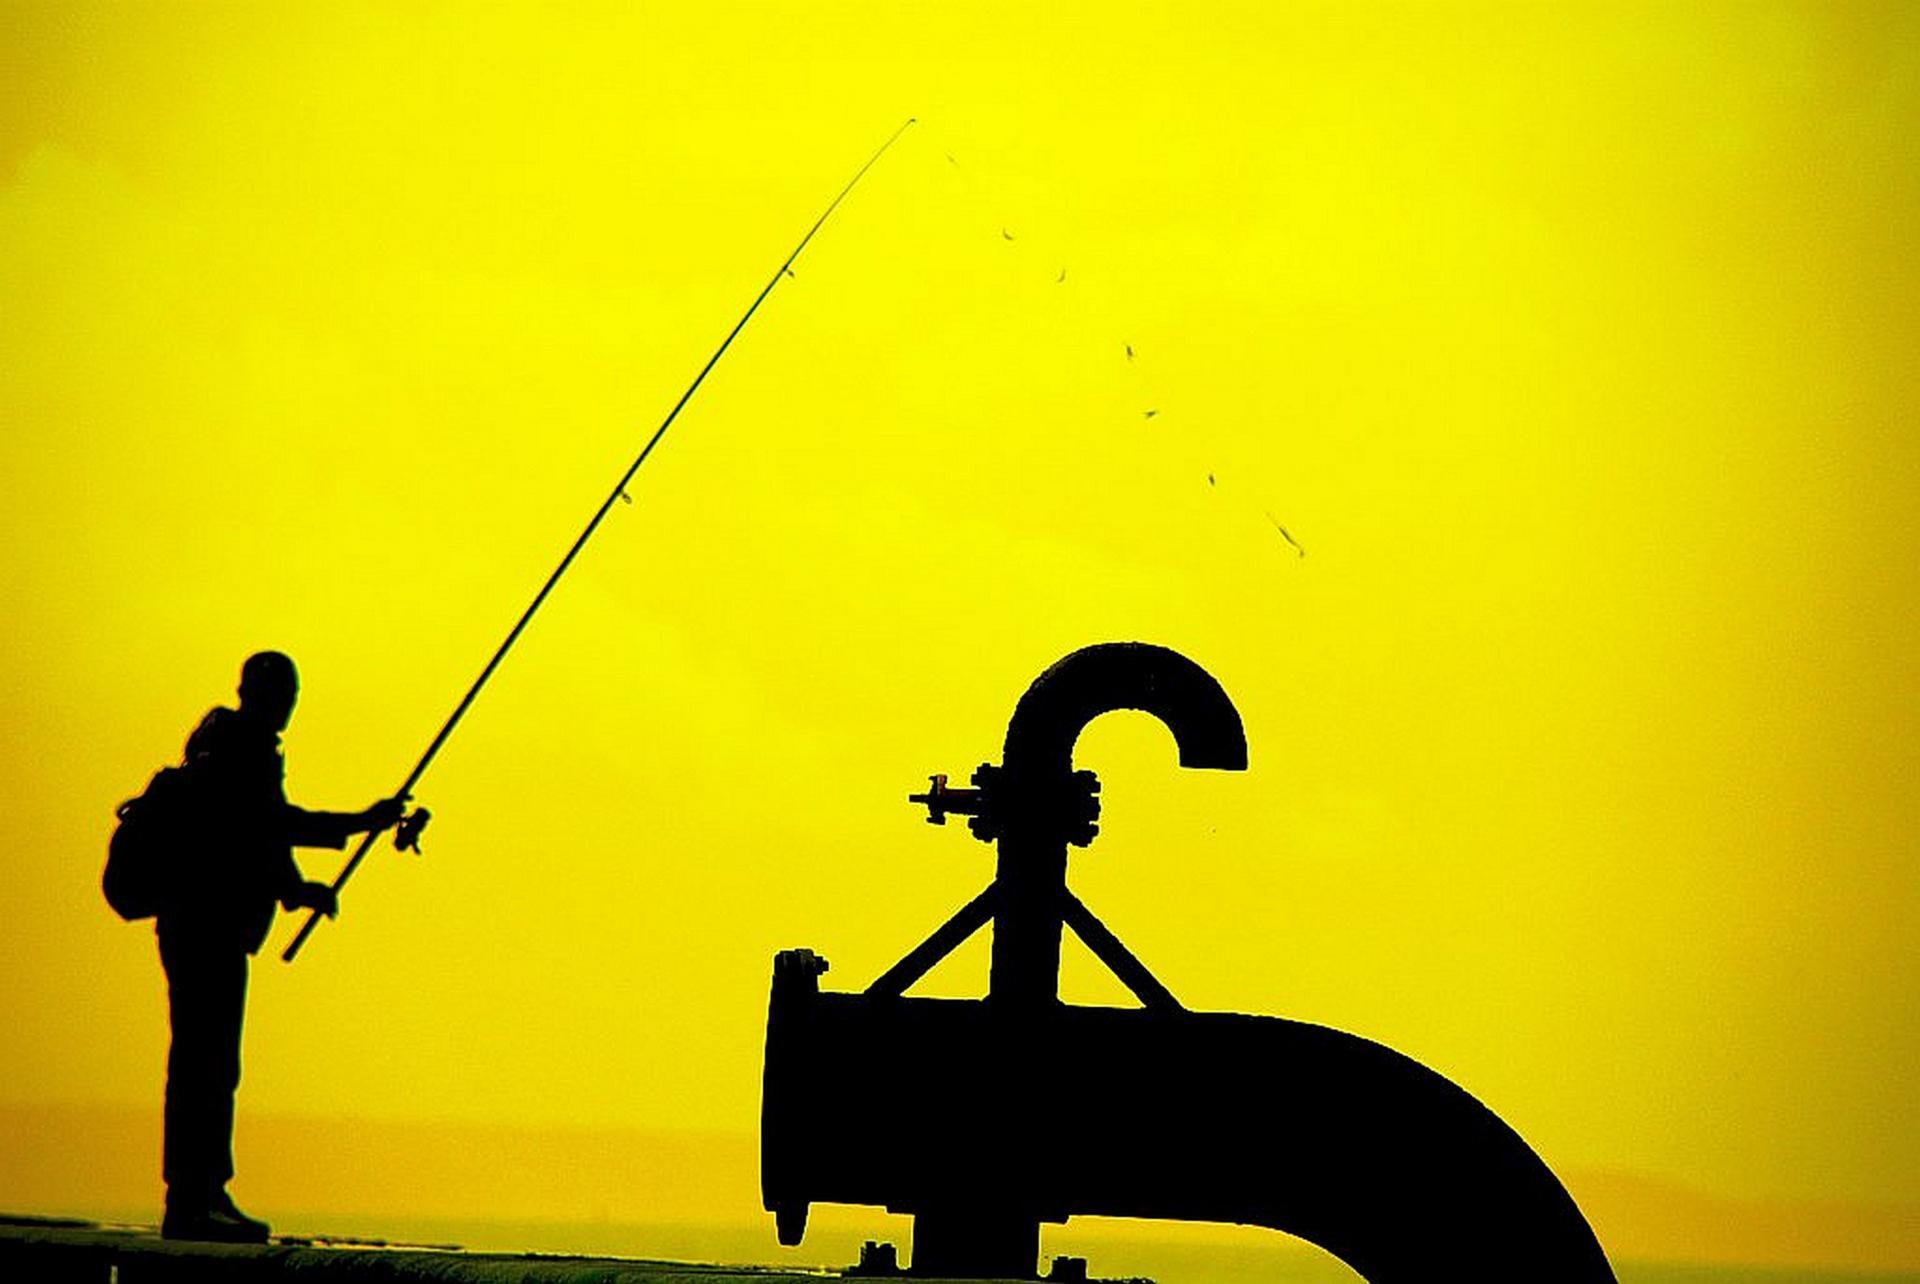 Pêche en eau trouble.